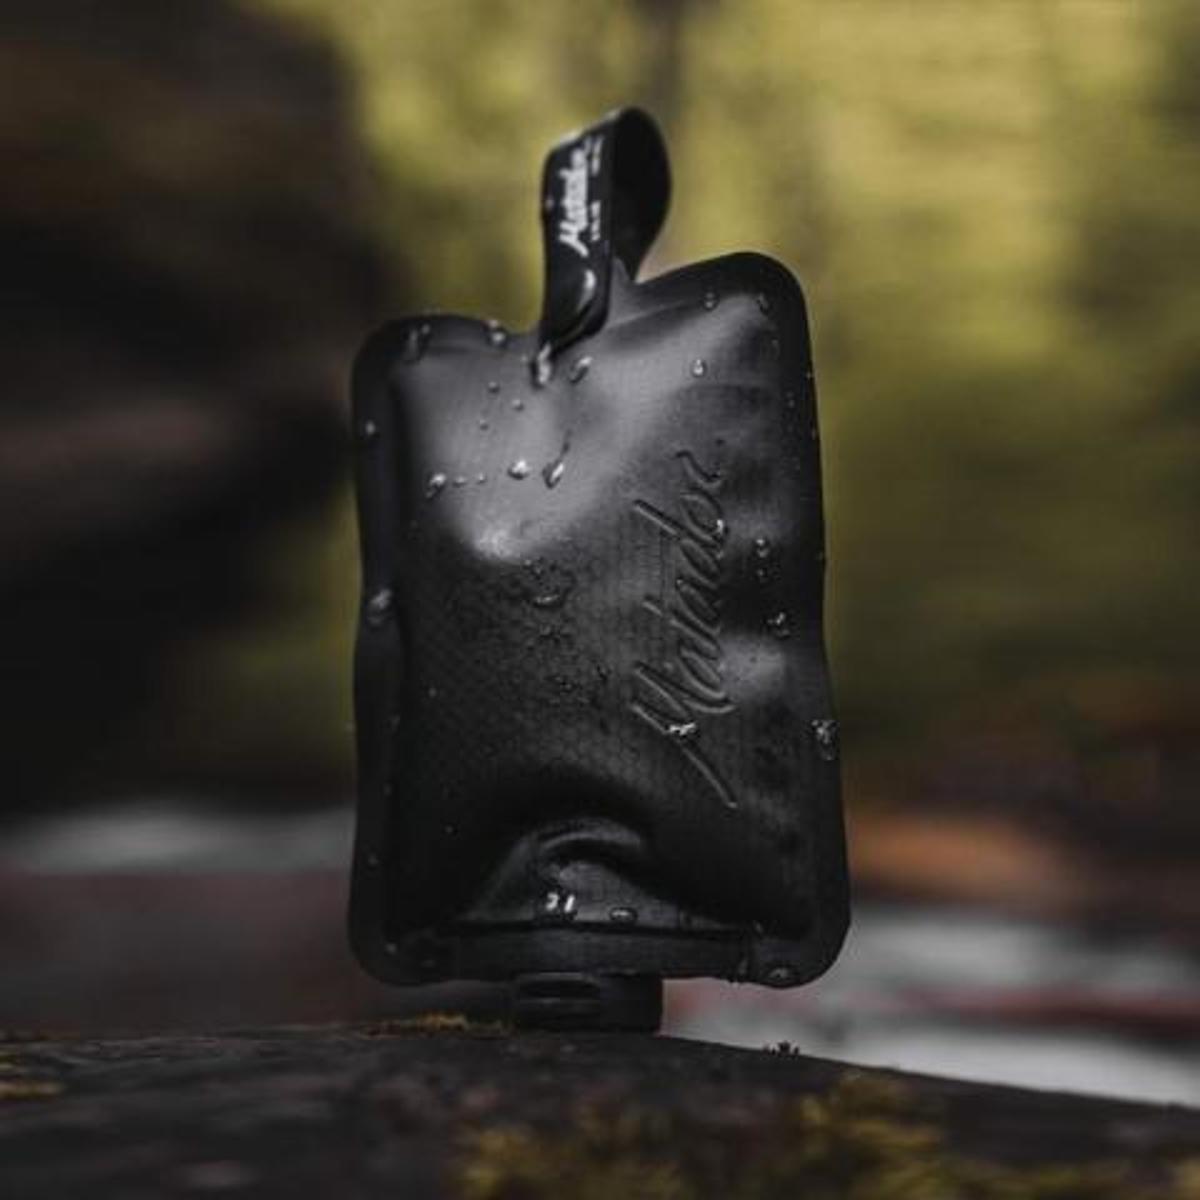 手のひらサイズになる大容量バッグ|《3本セット》ジムやアウトドア、旅先で大活躍!シャンプー&クリームを必要な分だけ持ち運べて、小さくたためる「トラベルボトル」|Matador FLATPAK TOILETRY BOTTLE 3-PK